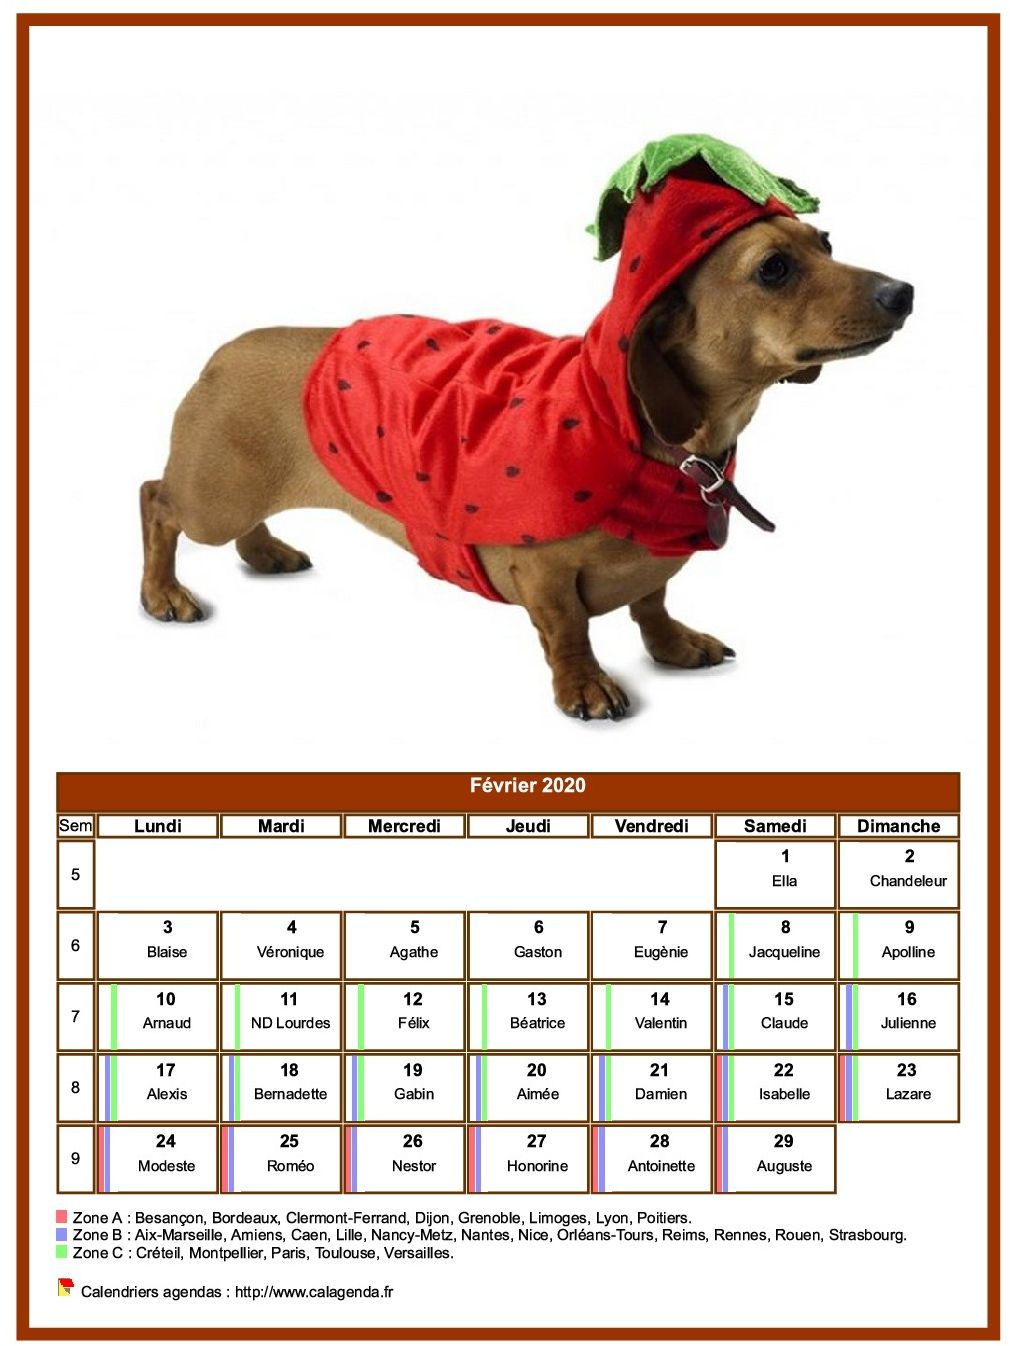 Calendrier février 2020 chiens